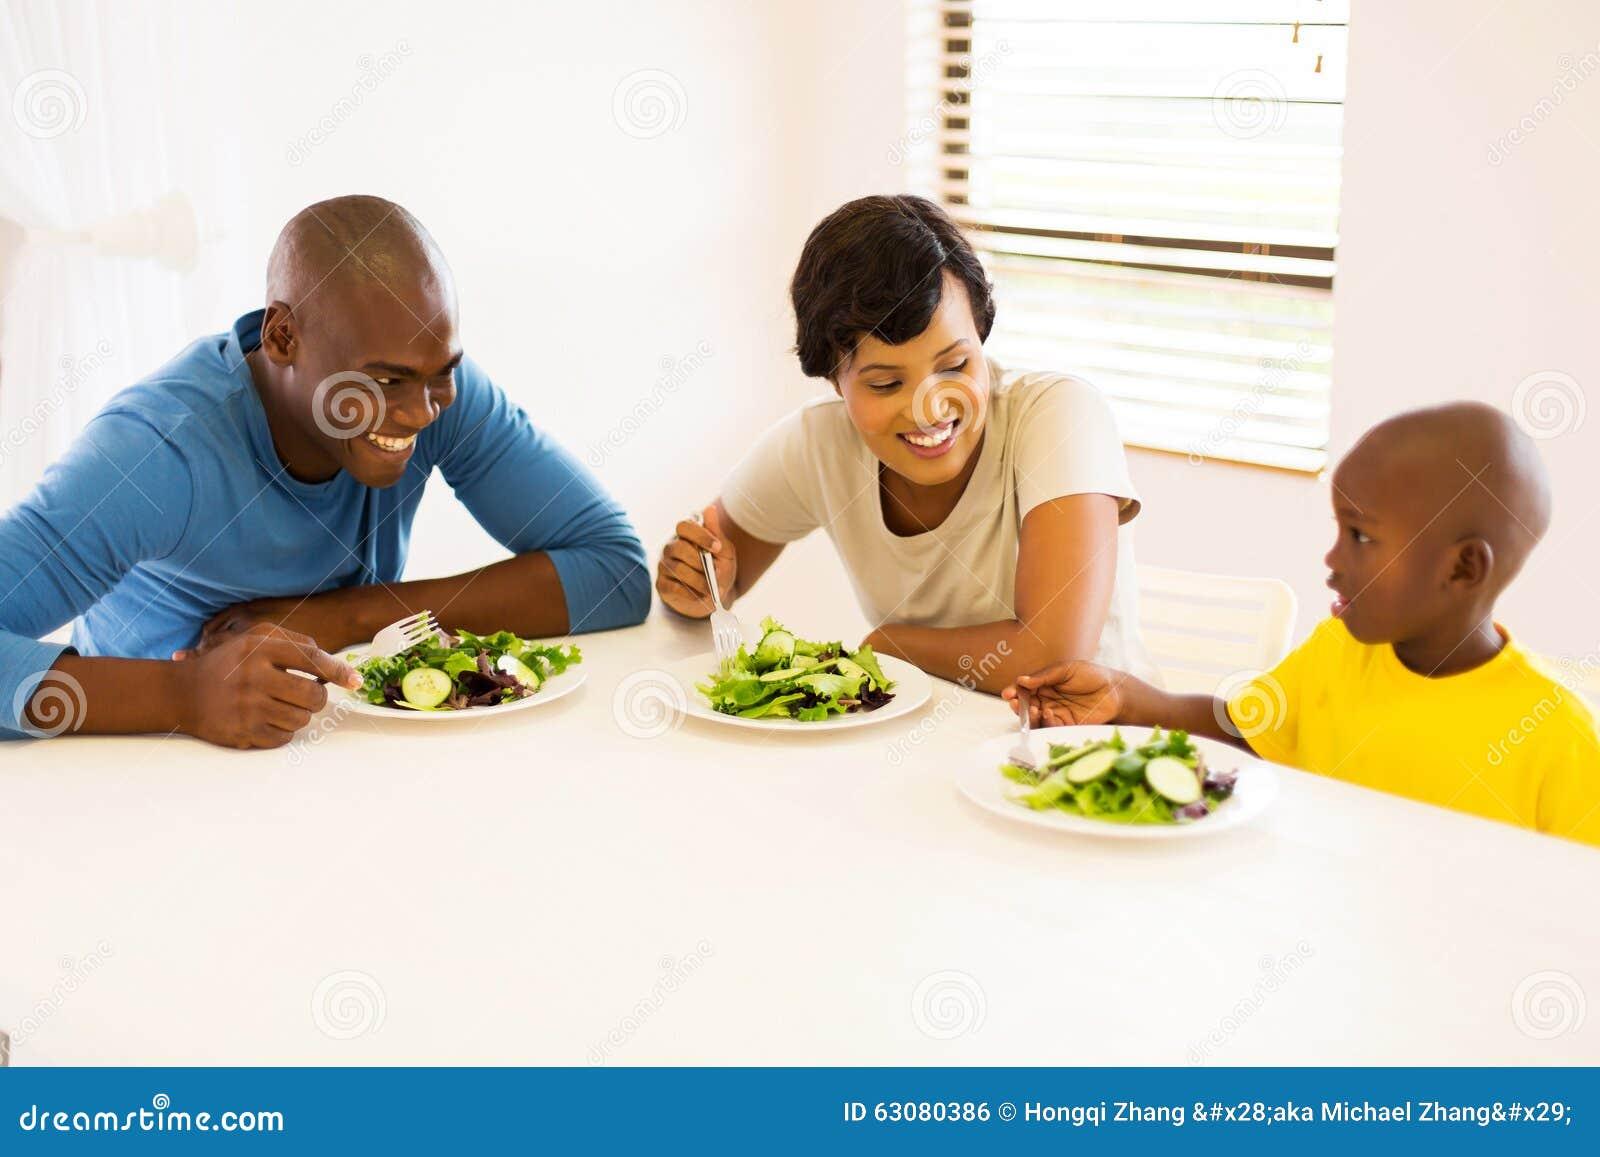 Download Famille mangeant le repas photo stock. Image du marié - 63080386